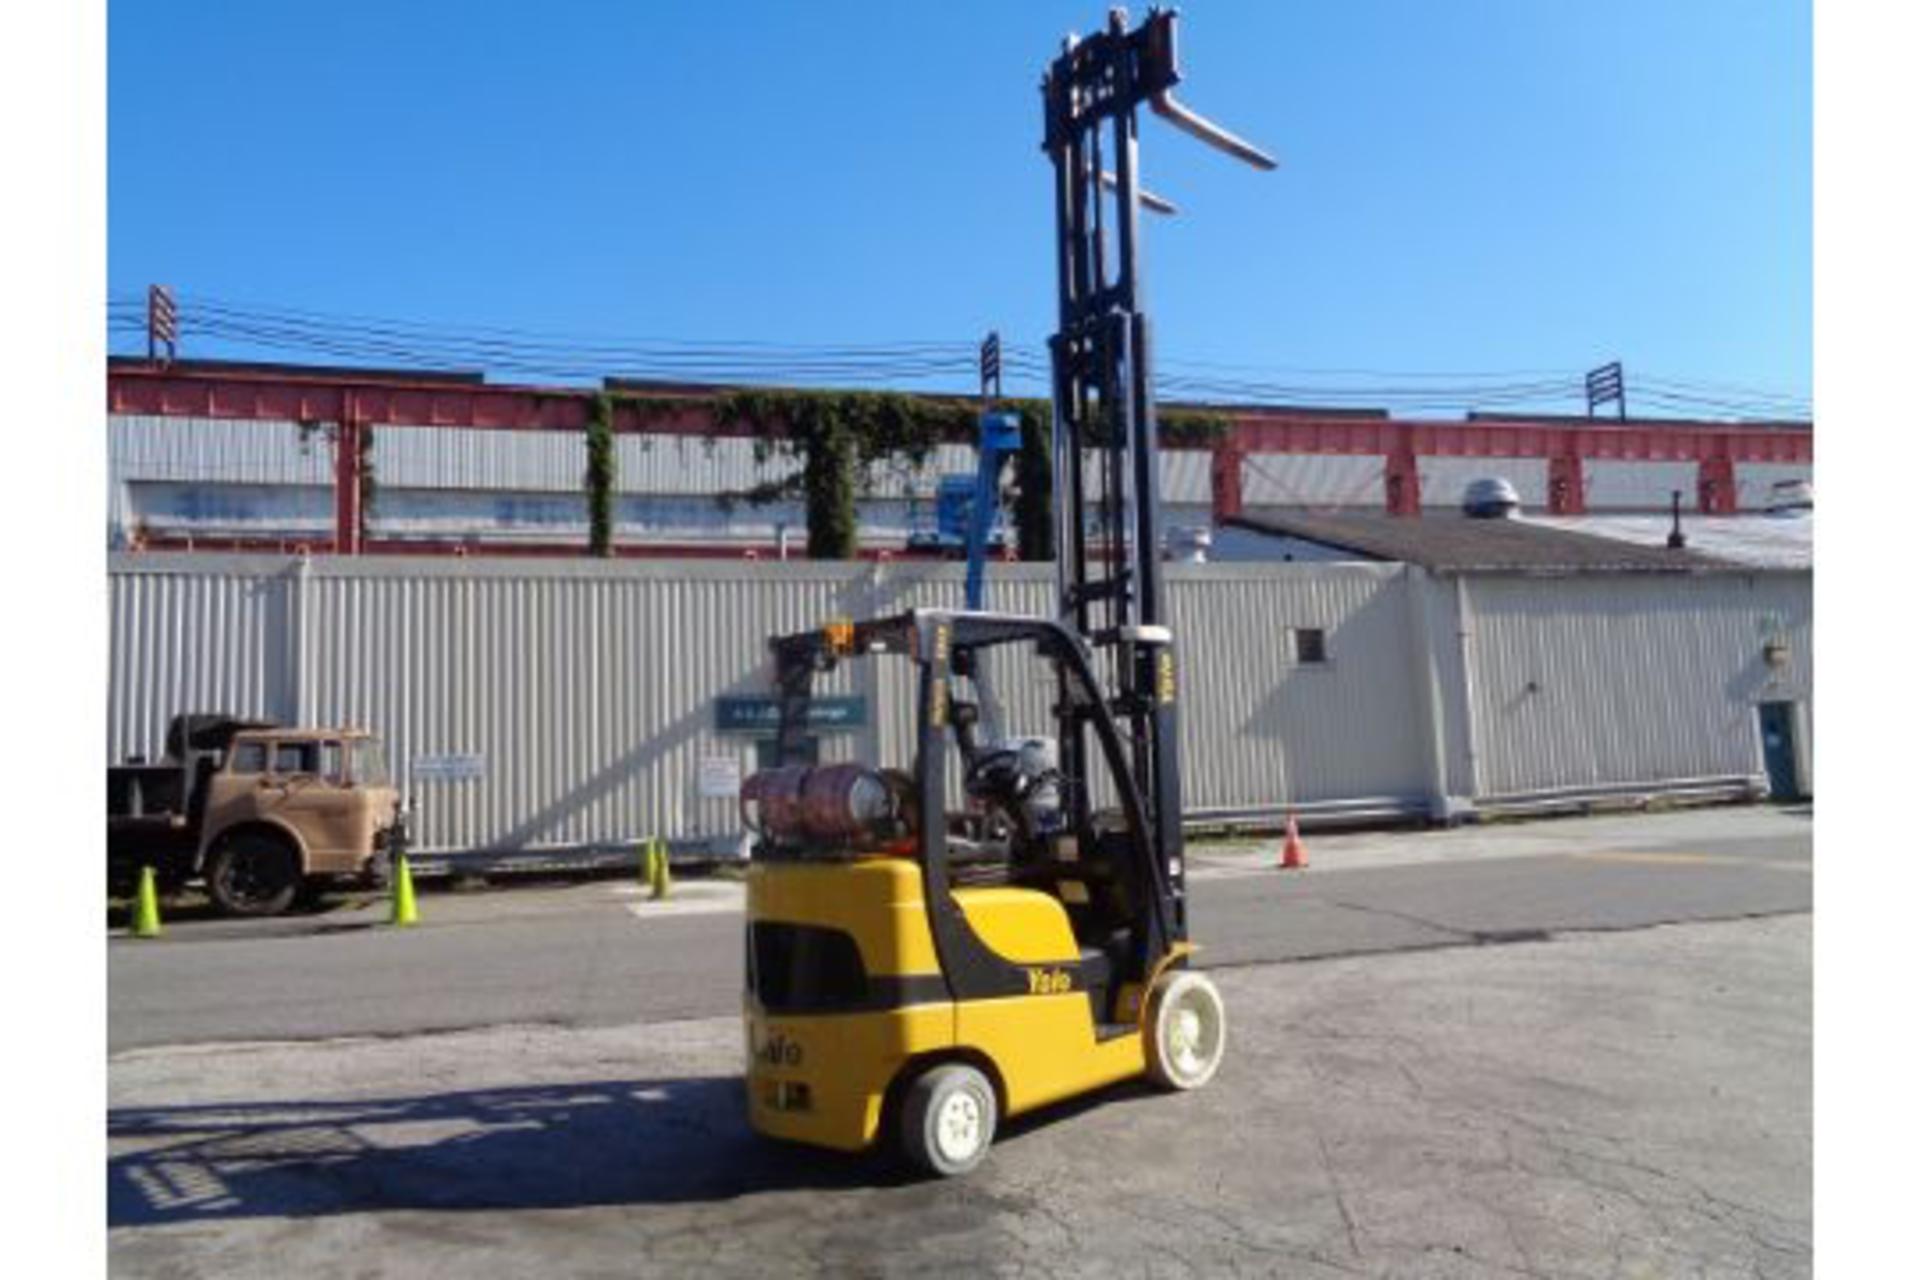 Lot 54 - 2011 Yale GLC050VXNVSE085 5,000lb Forklift